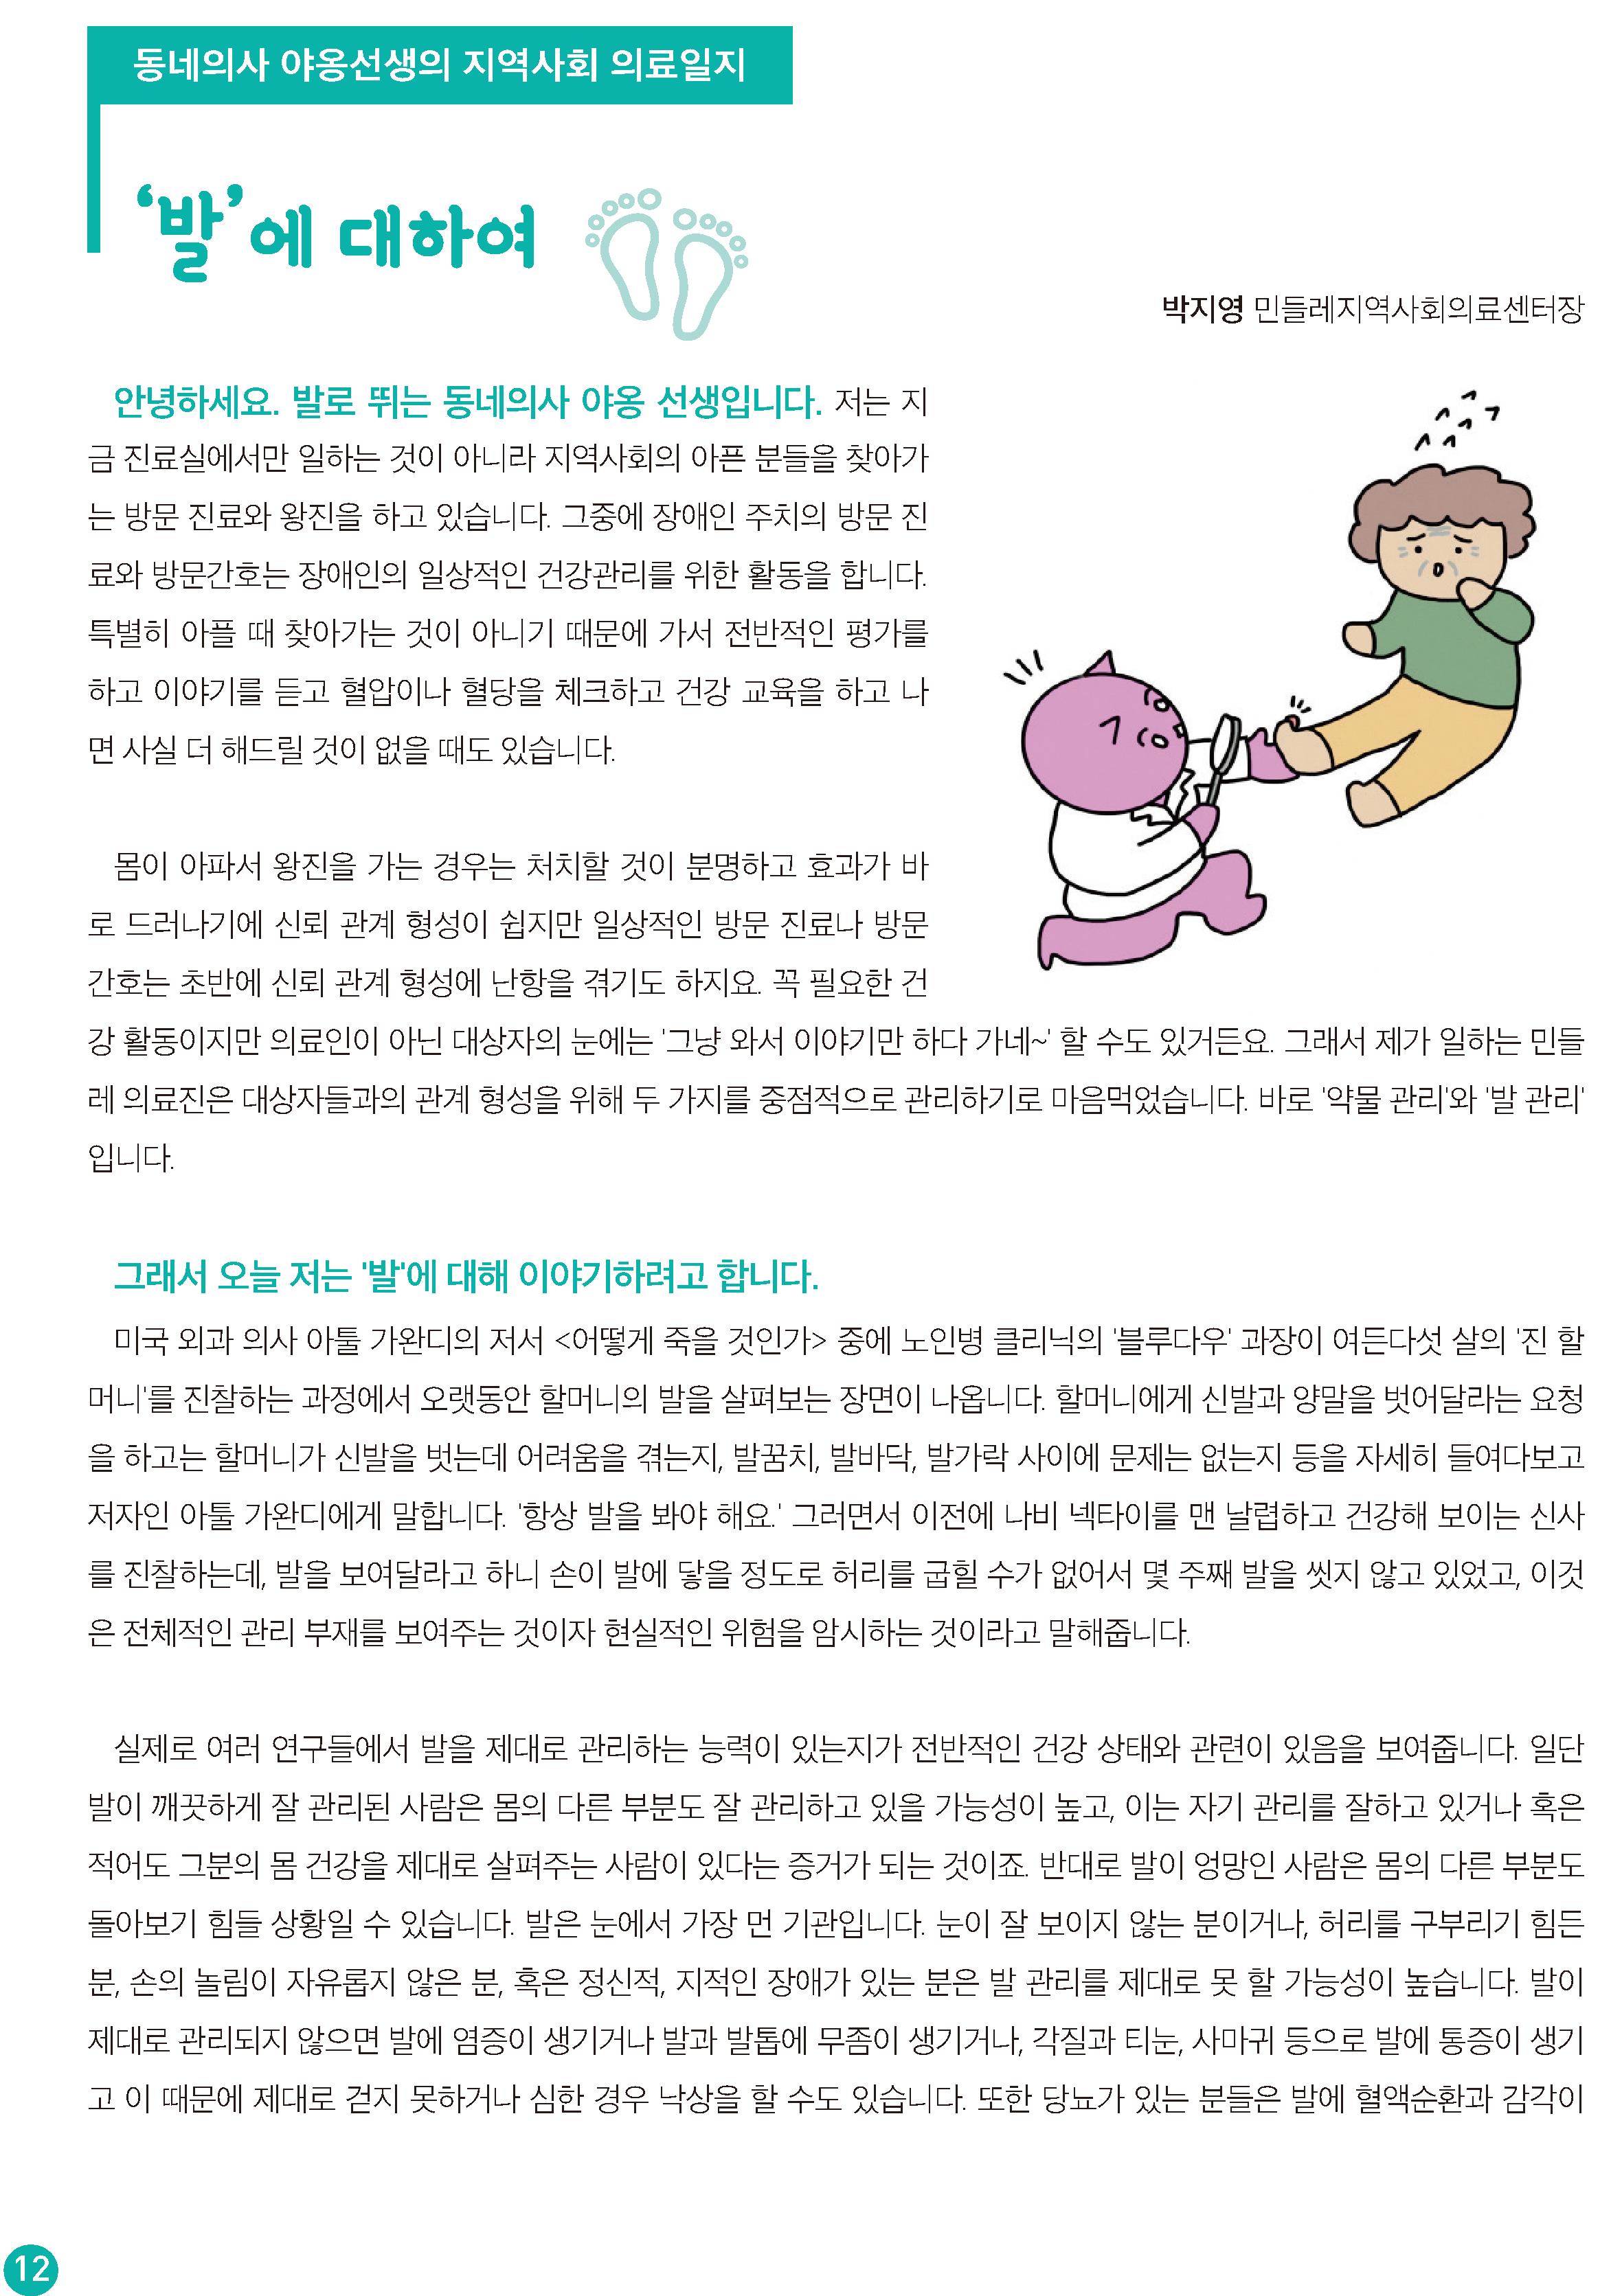 민들레 소식지8월호 시안(최종)-12.png